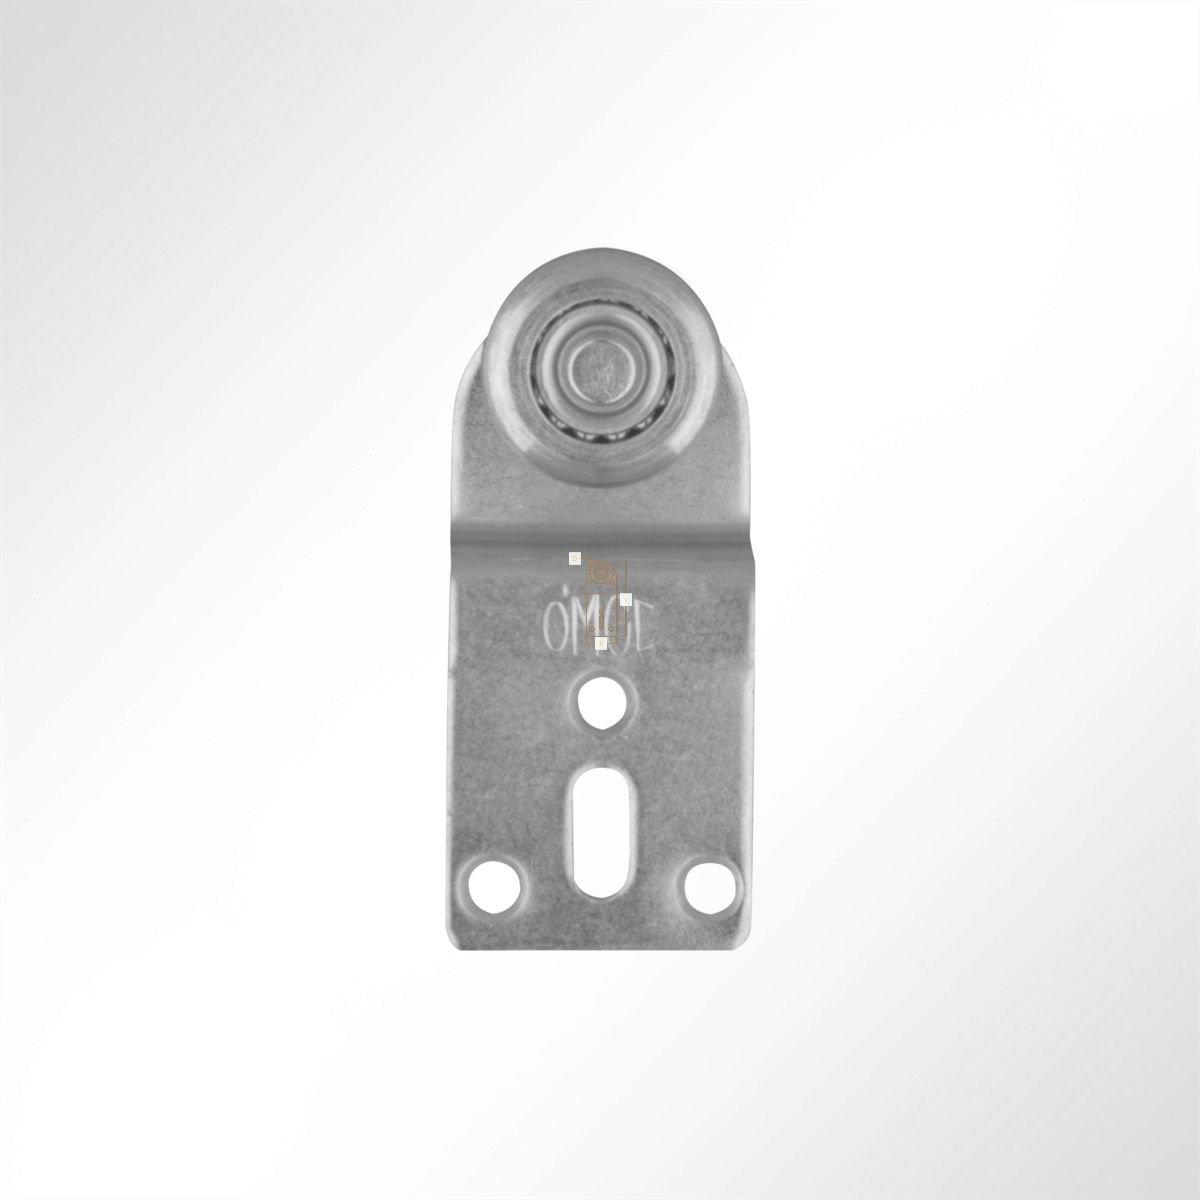 LYSEL Laufrolle F/ührungsrollen Laufwagen Rollenlaufwerk mit versetzter Platte Kugellager 35 Kg Laufschiene 1 St/ück